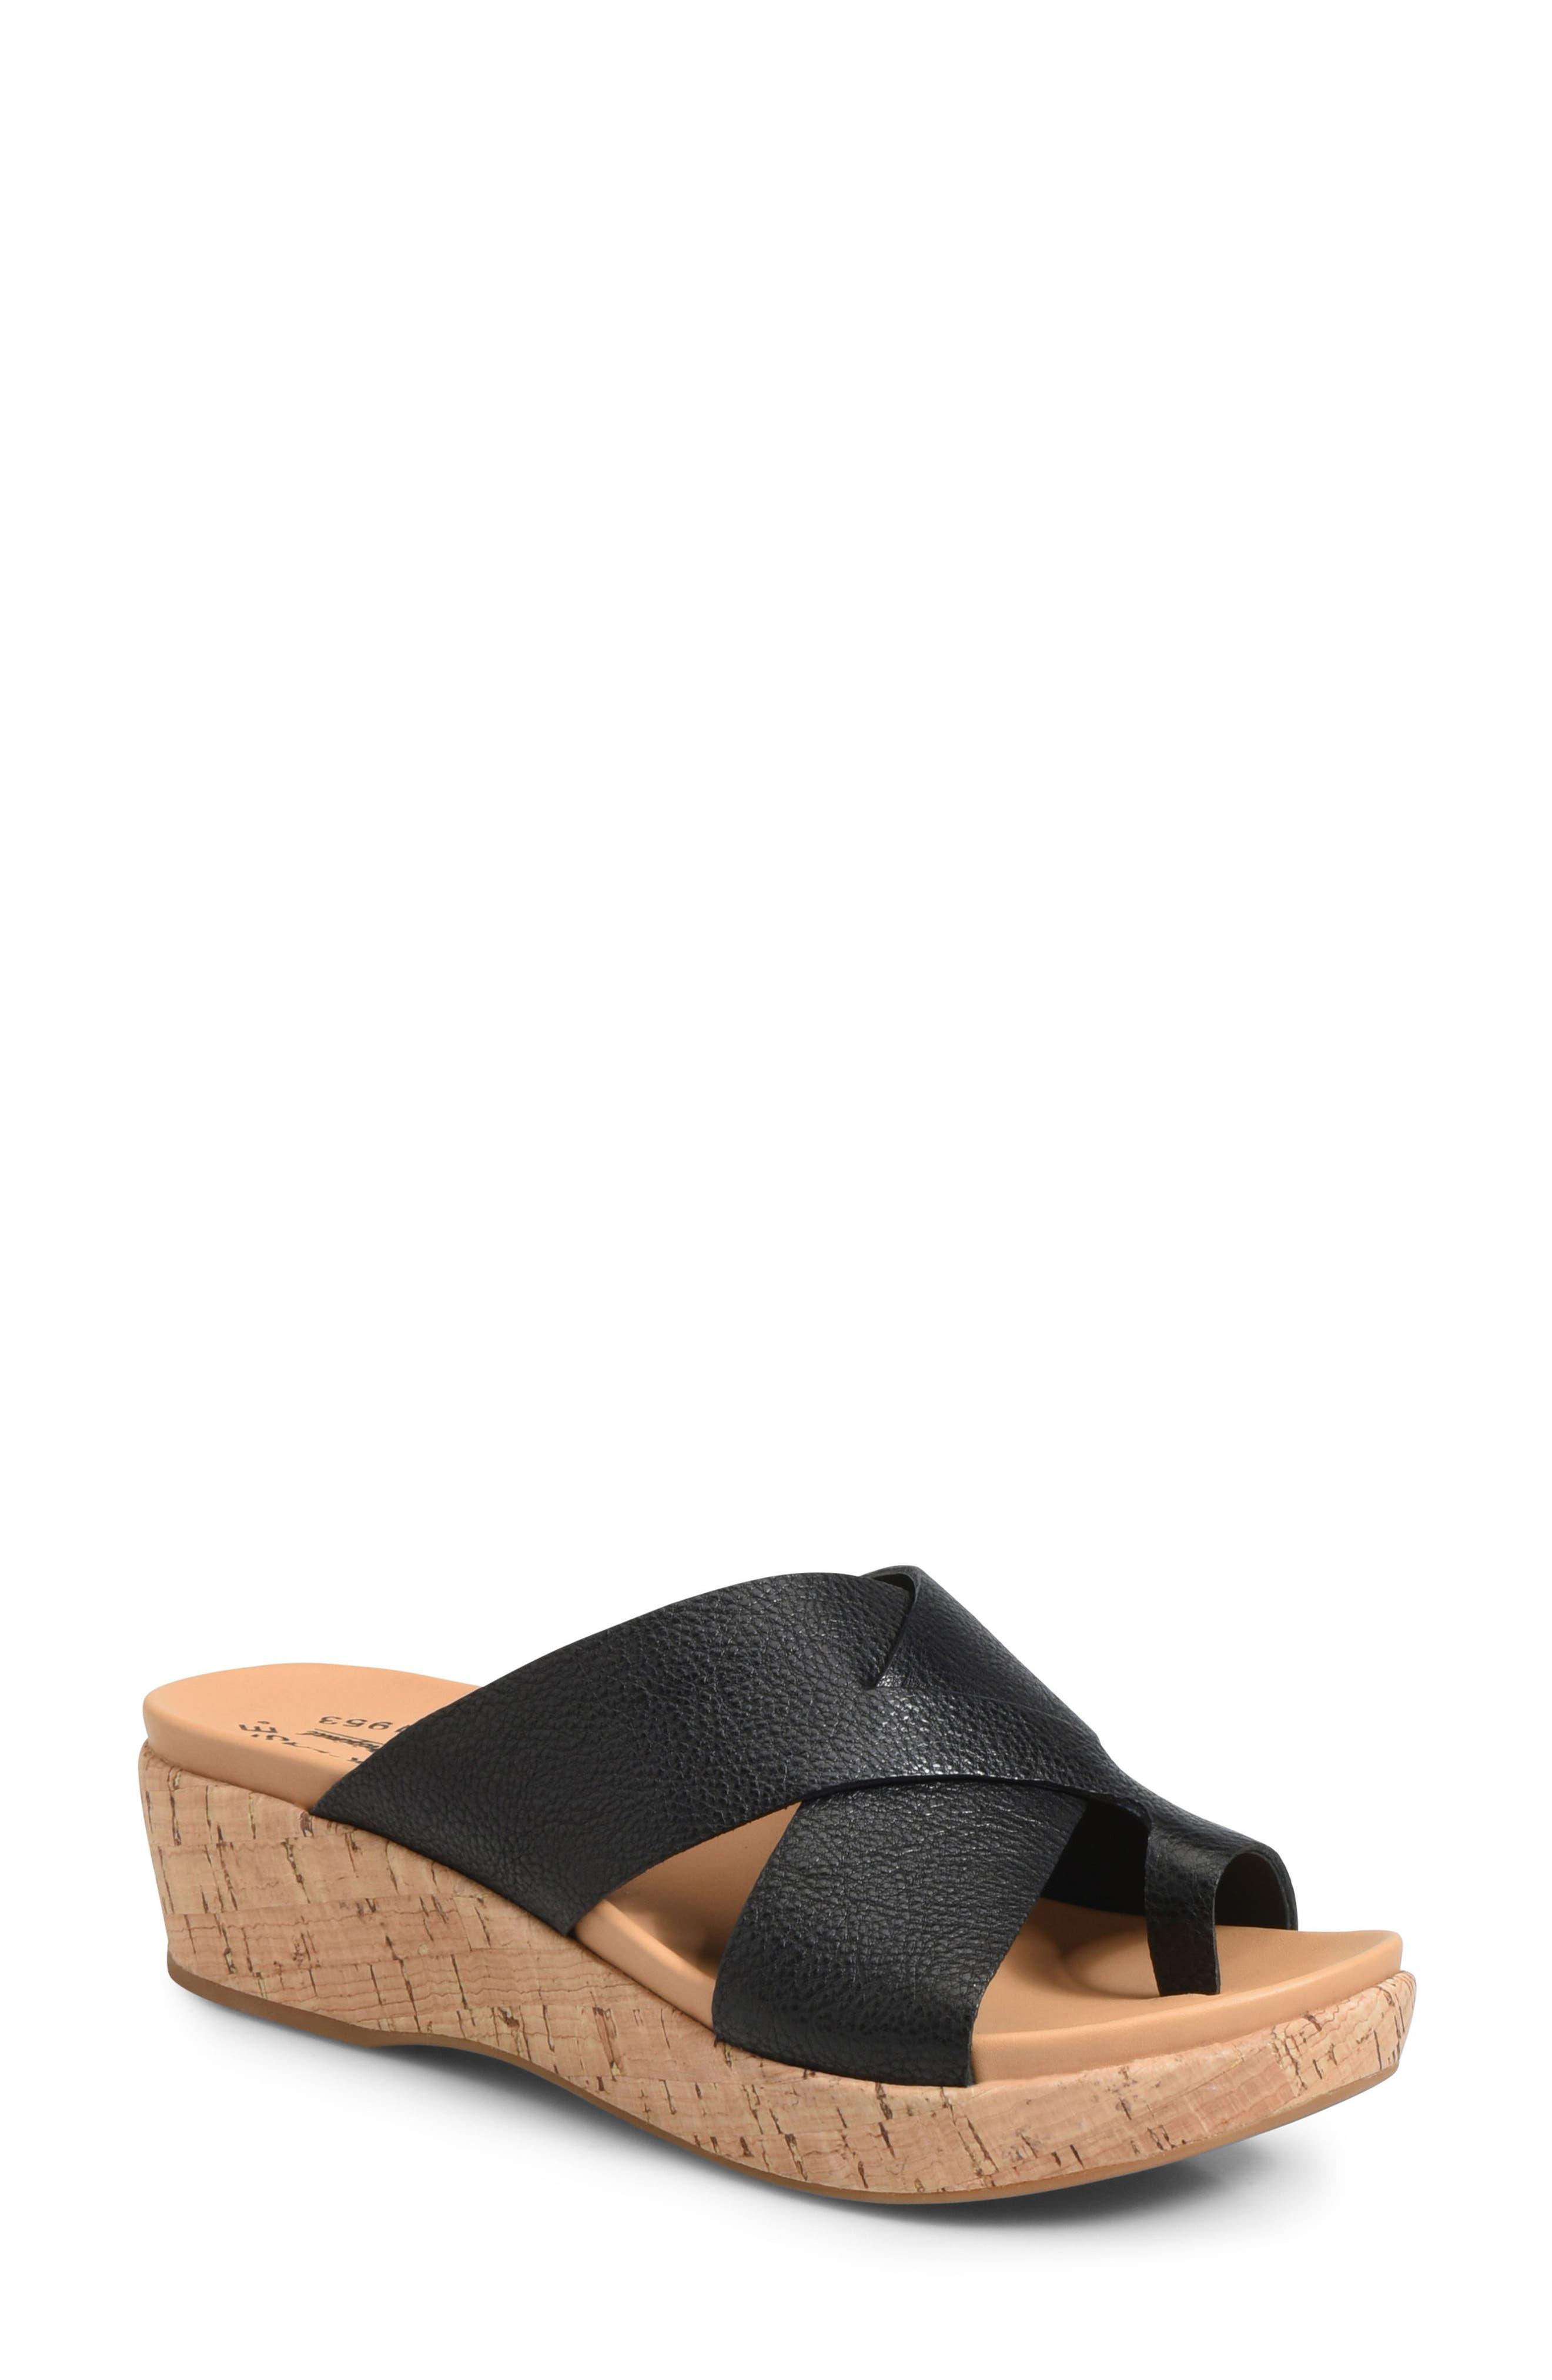 Baja Wedge Slide Sandal, Main, color, BLACK LEATHER